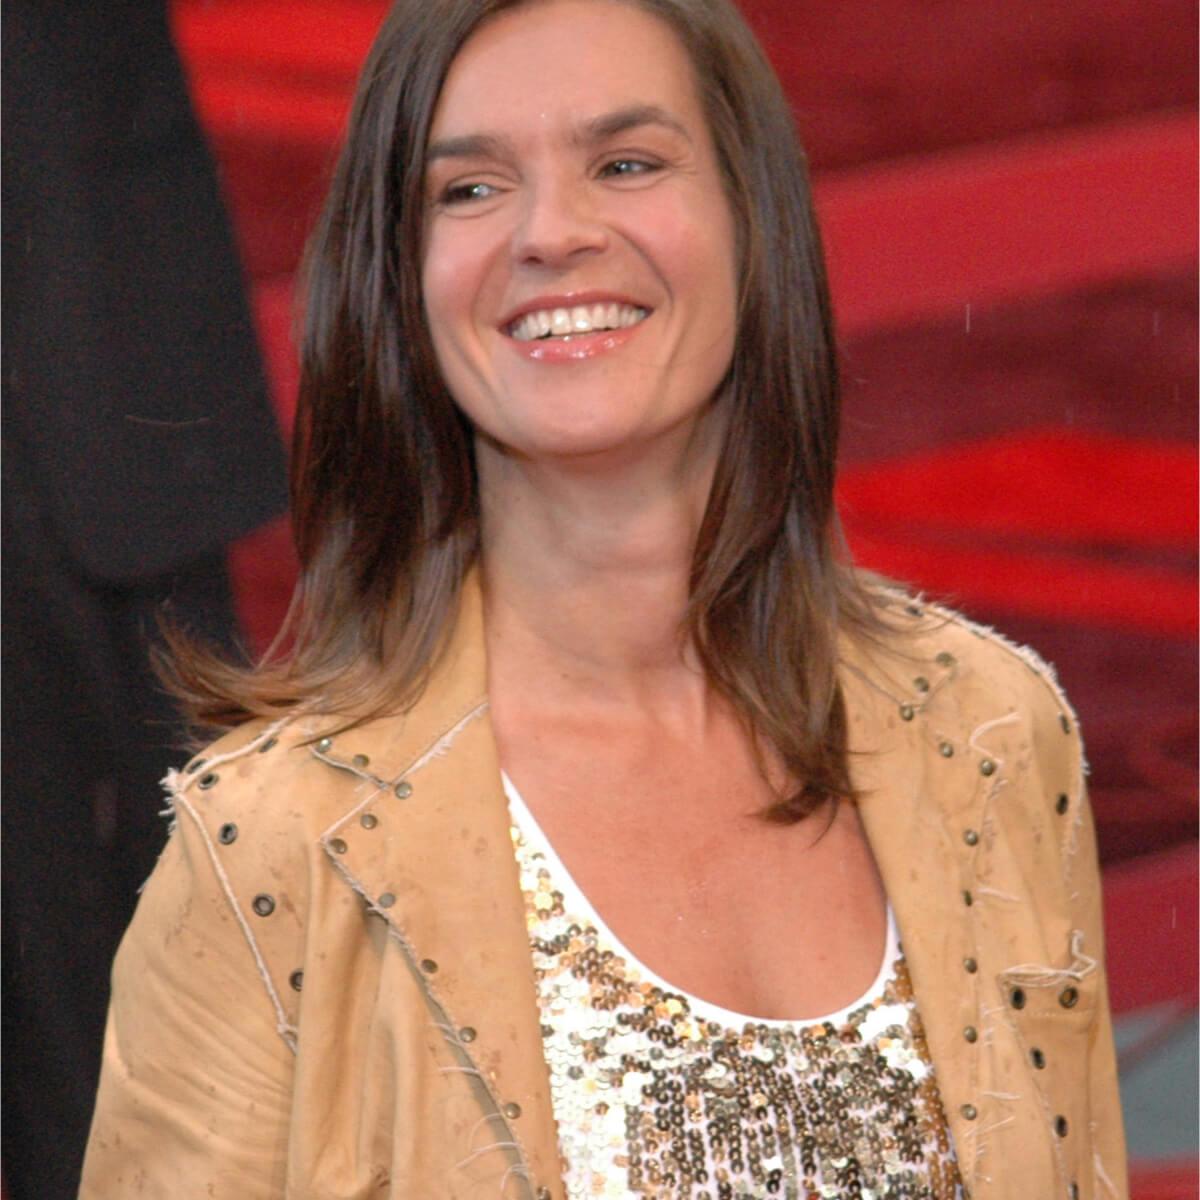 Katarina Witt Heute Vermogen